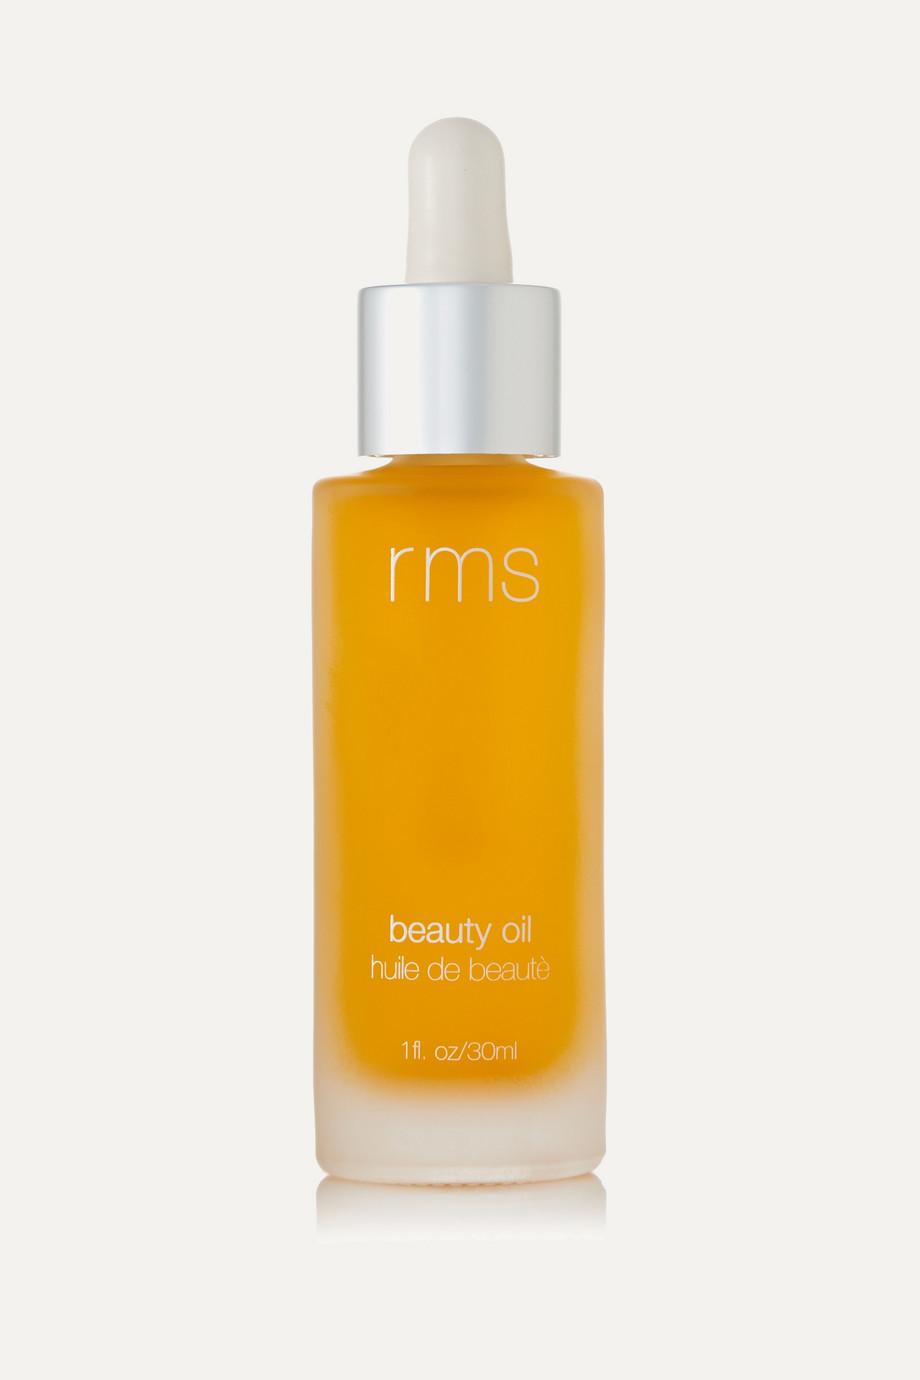 Beauty Oil, 30ml, by RMS Beauty